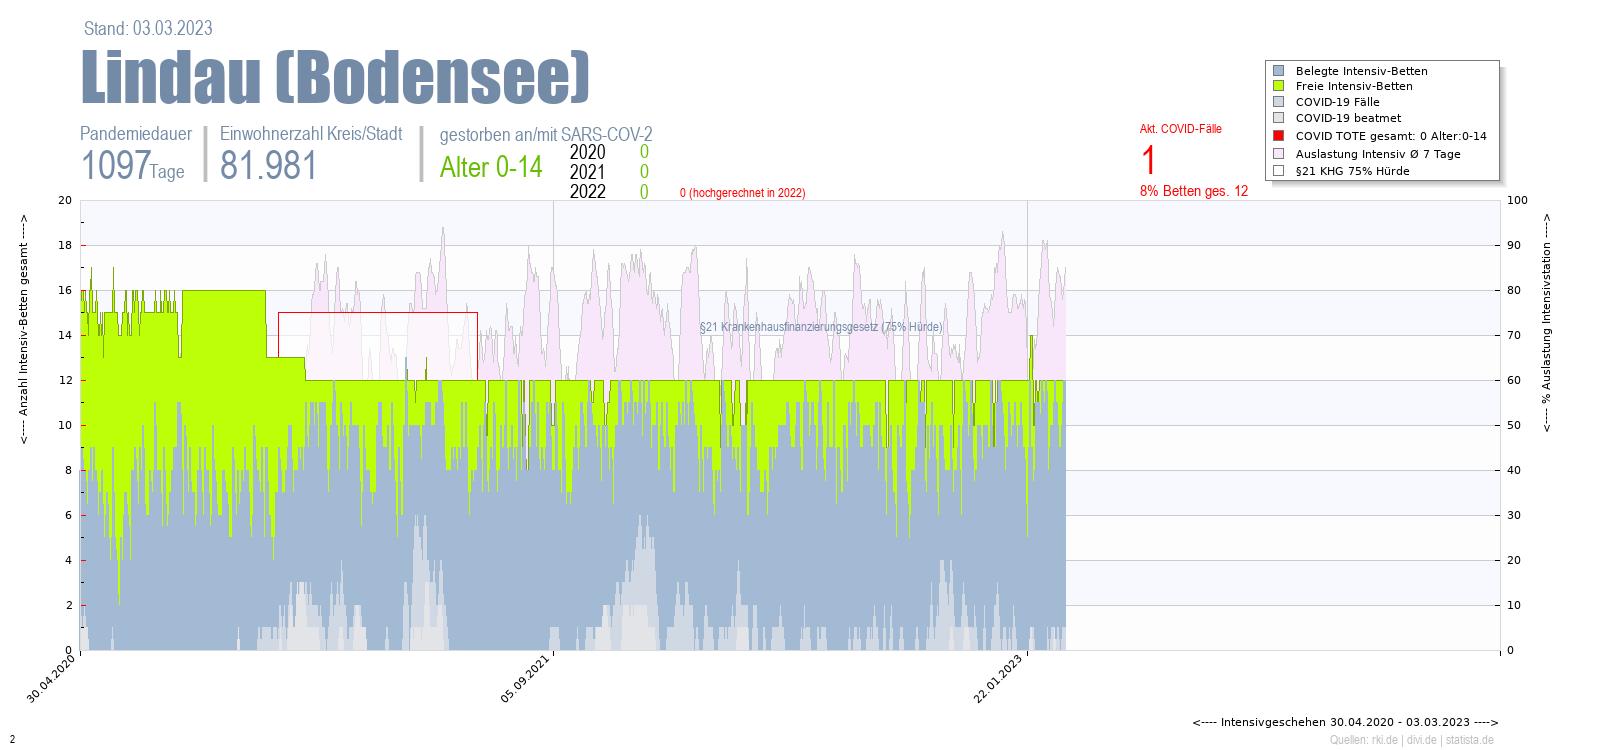 Intensivstation Auslastung Lindau (Bodensee) Alter 0-4